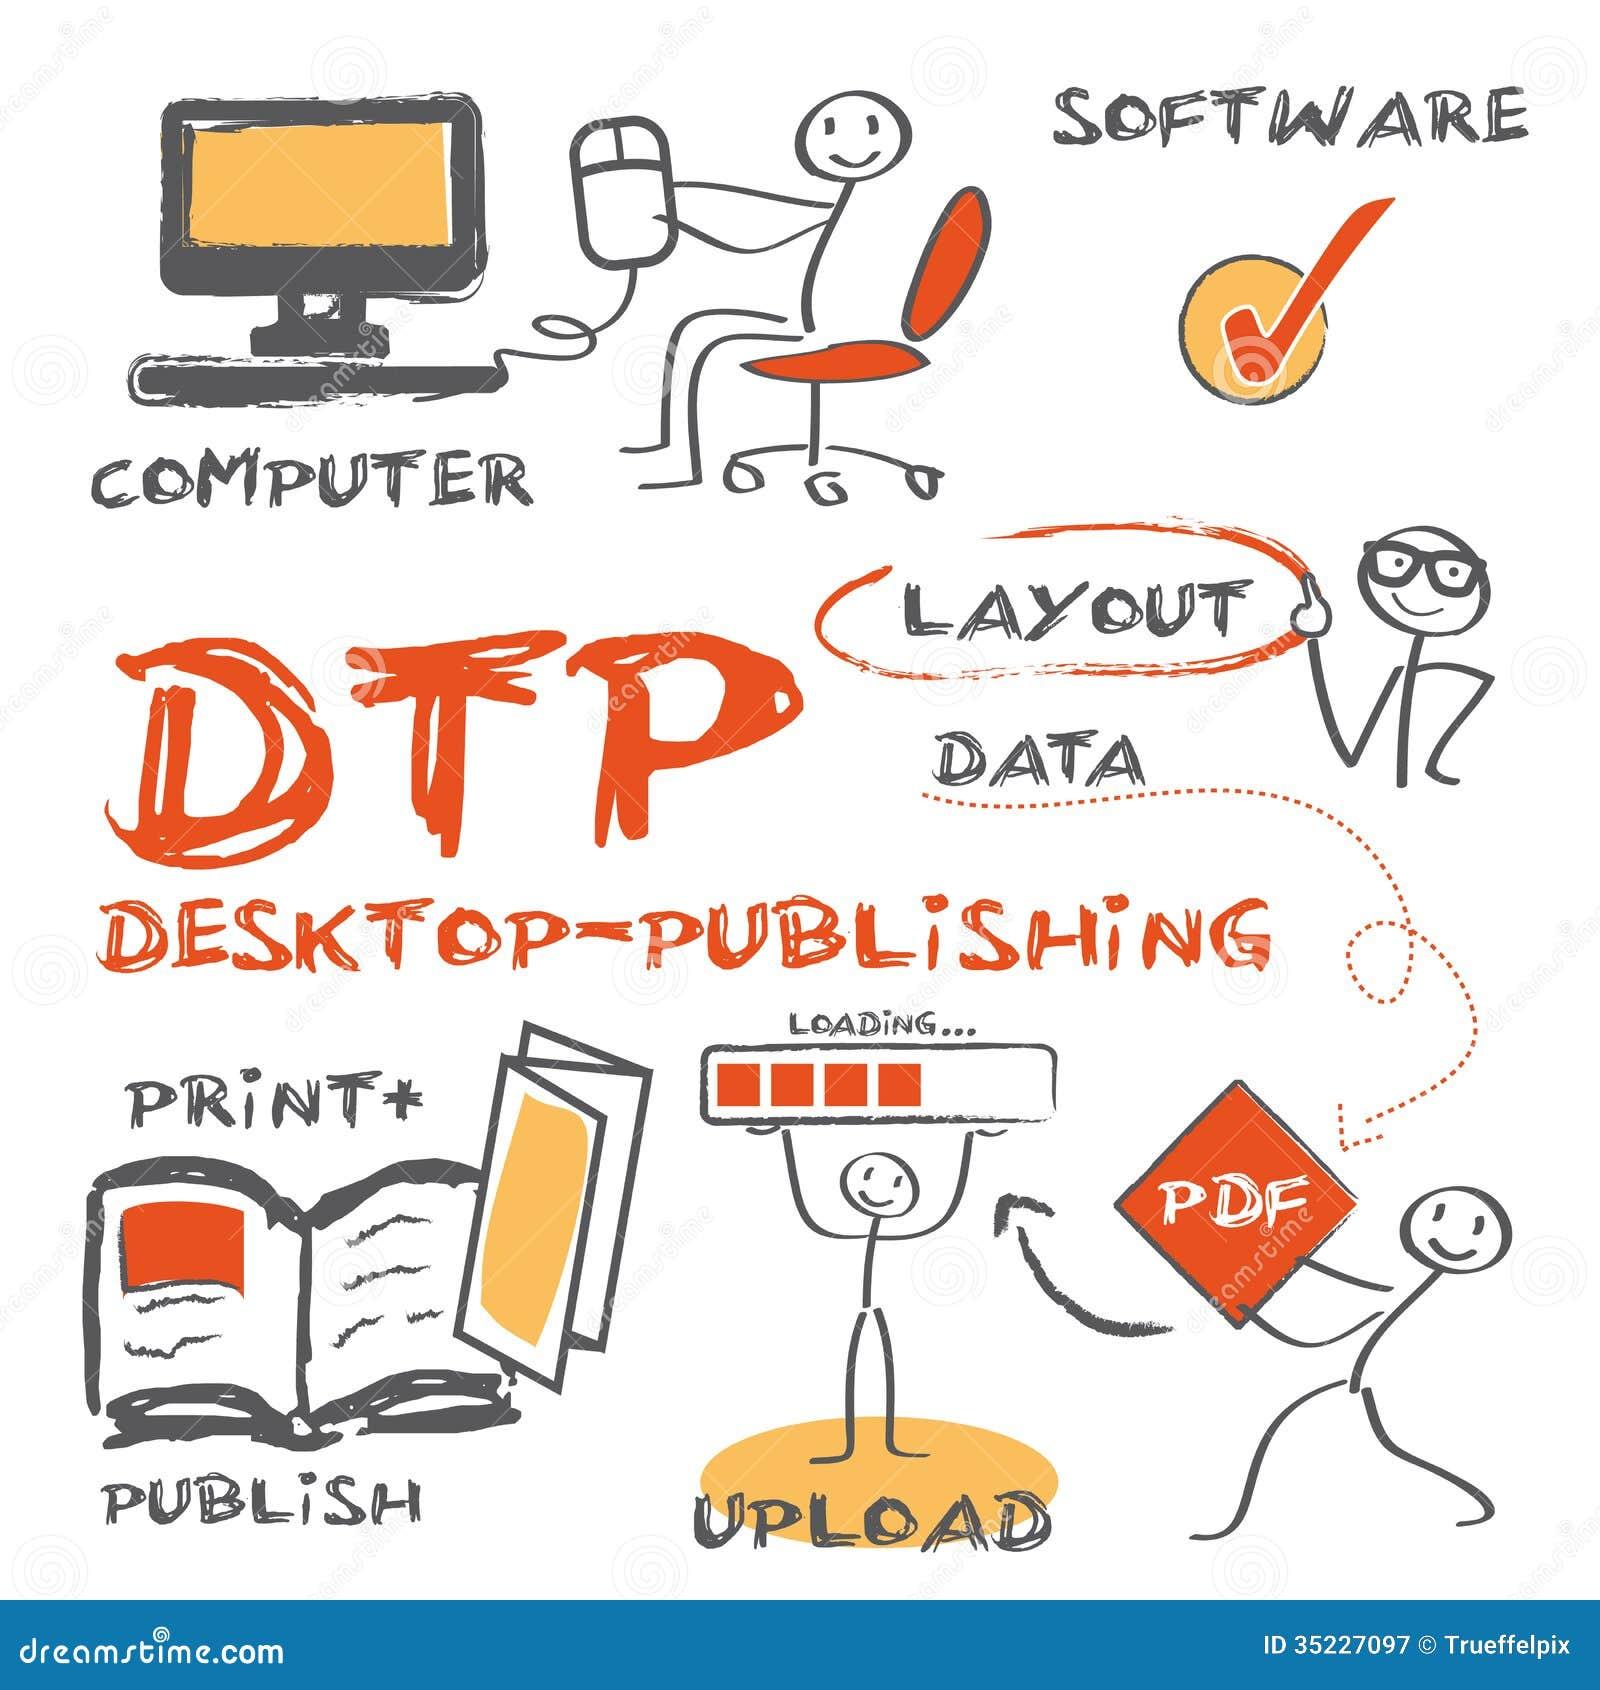 DTP, desktop publishing, conceito